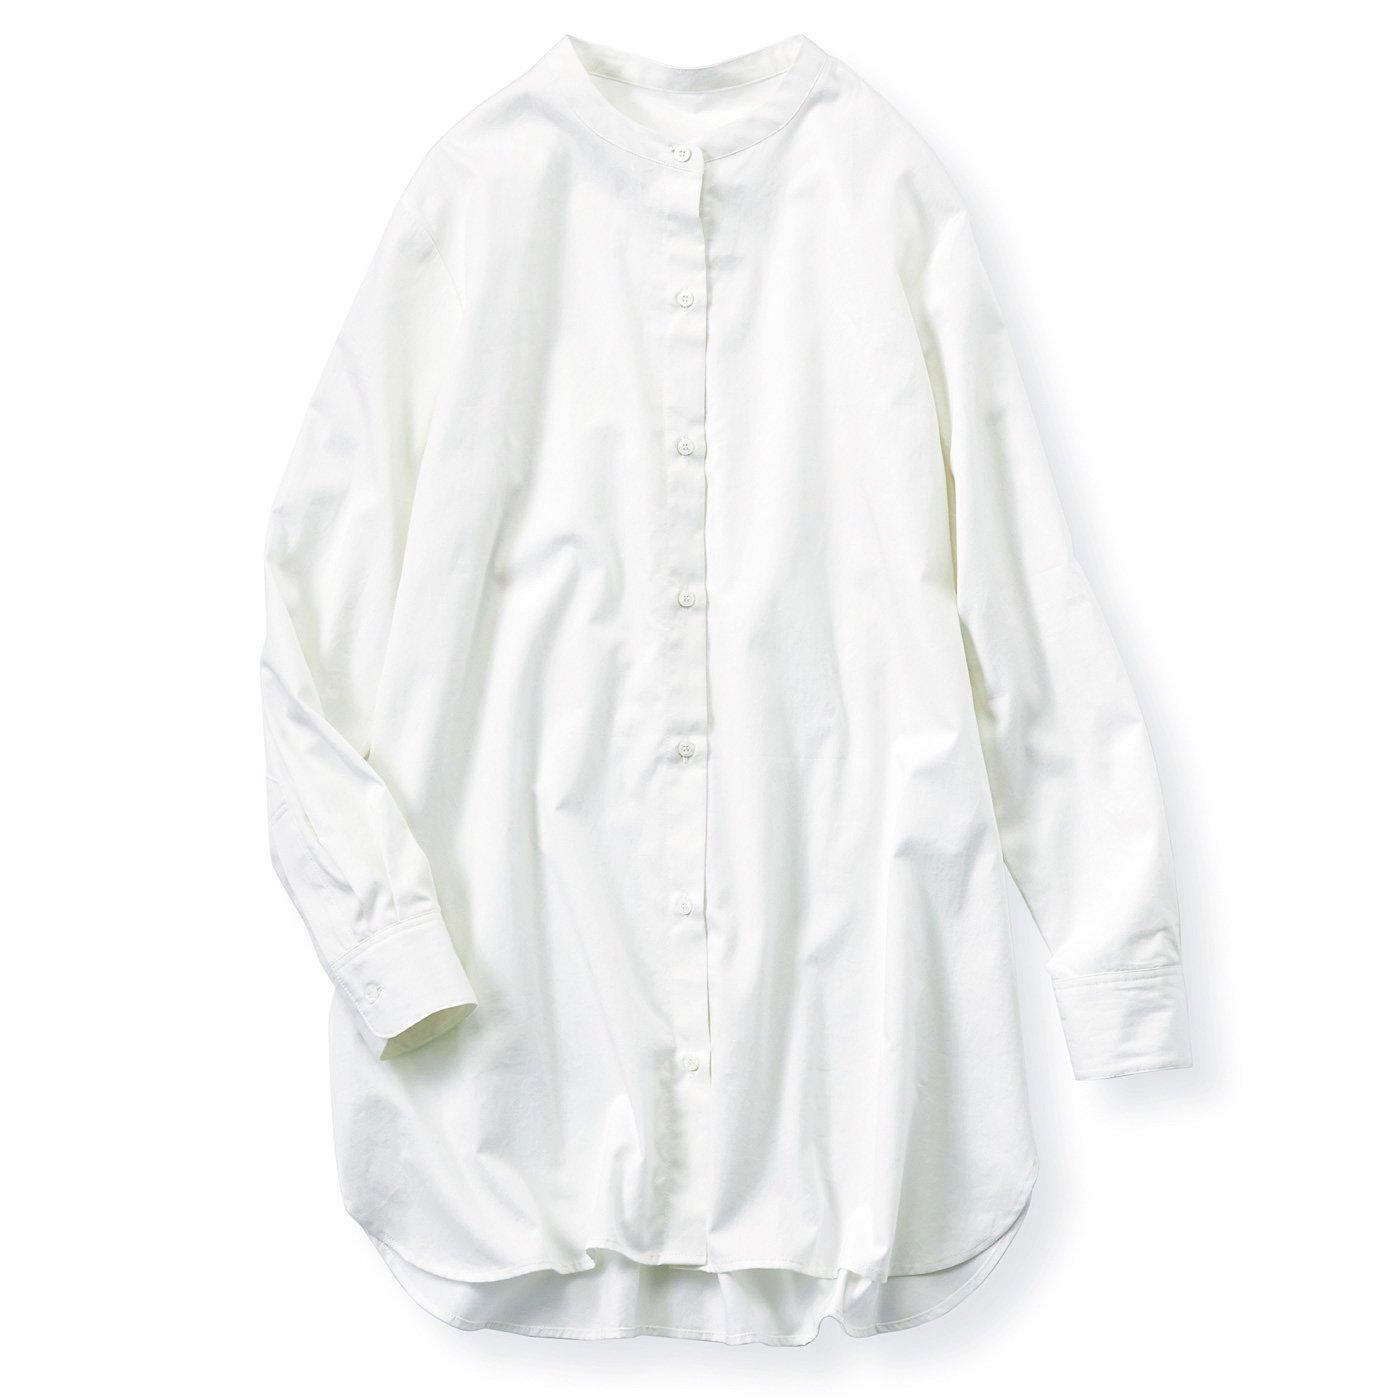 リブ イン コンフォート 栞里ちゃんとつくった 綿100%がうれしい バンドカラーで首もとすっきりさわやか シャツチュニック〈ホワイト〉